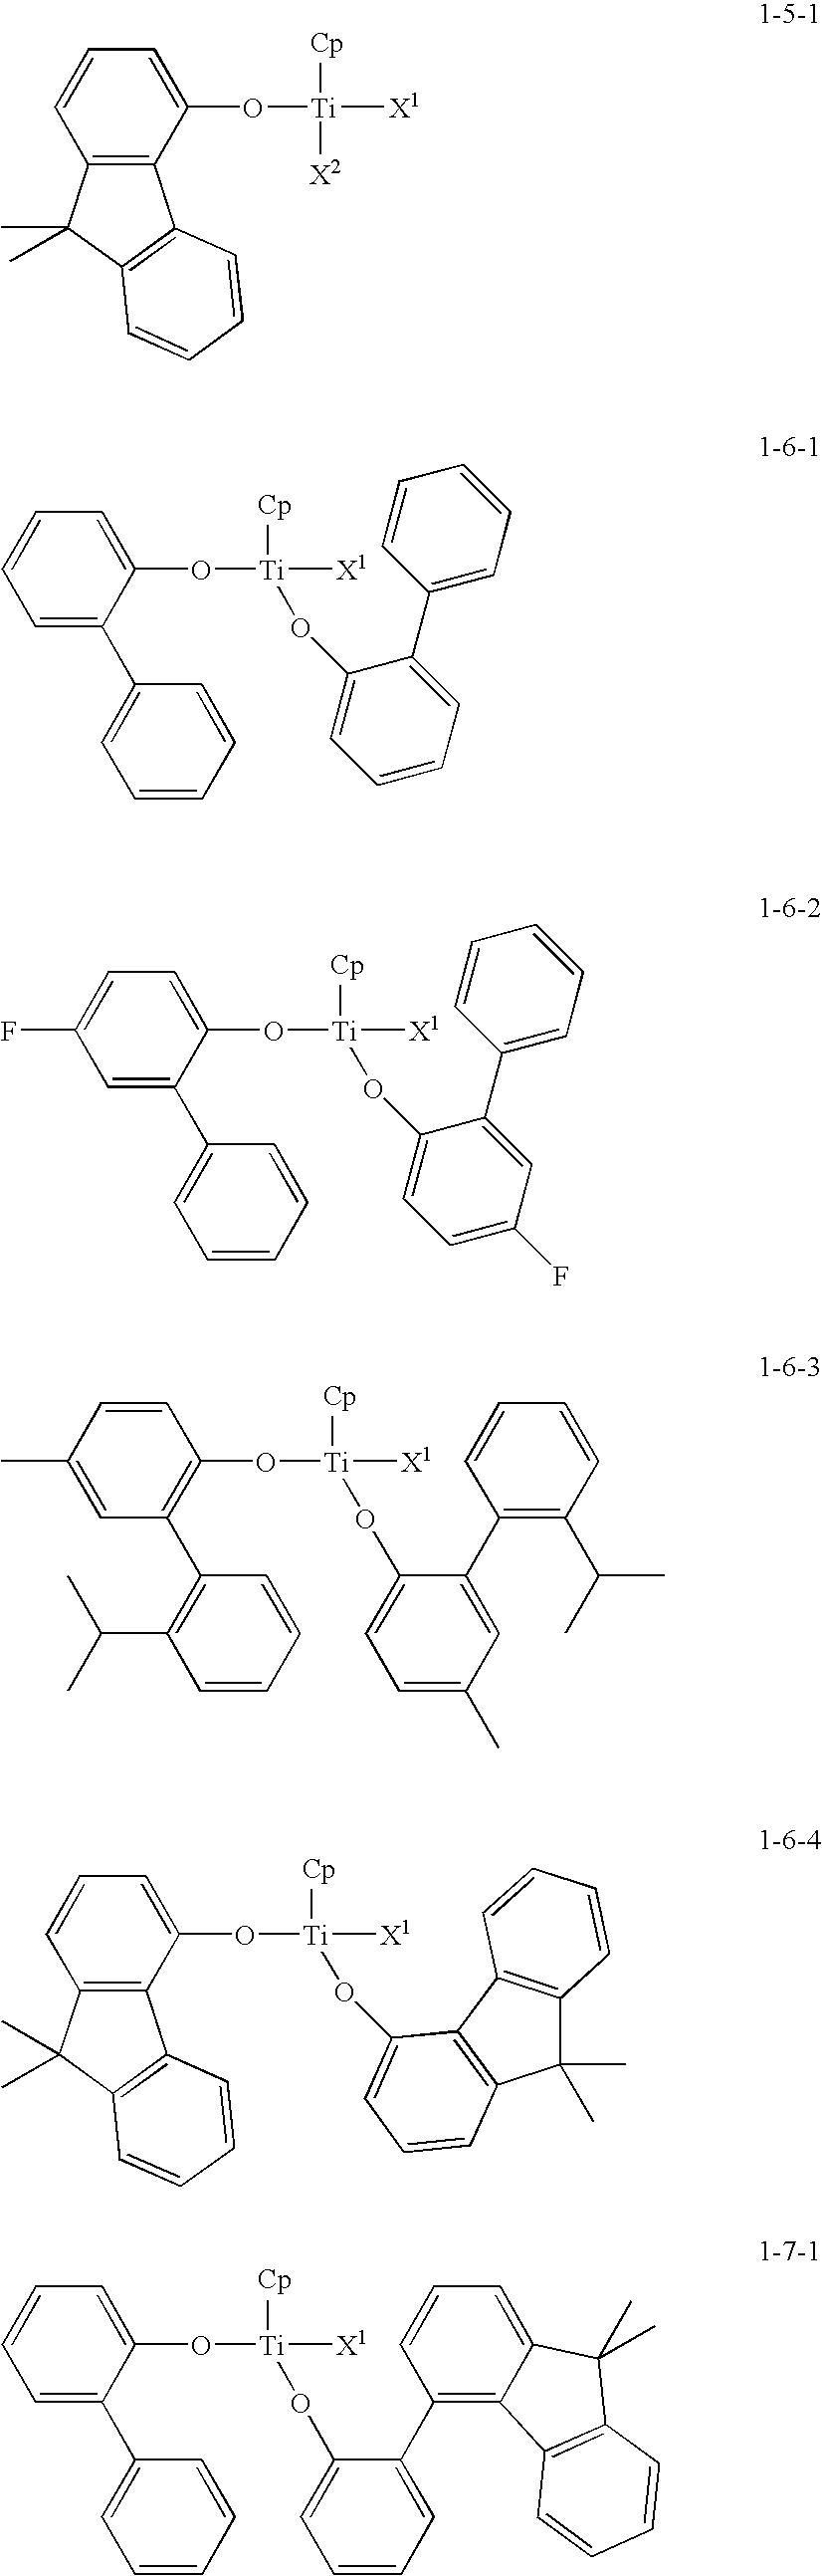 Figure US20100120981A1-20100513-C00009